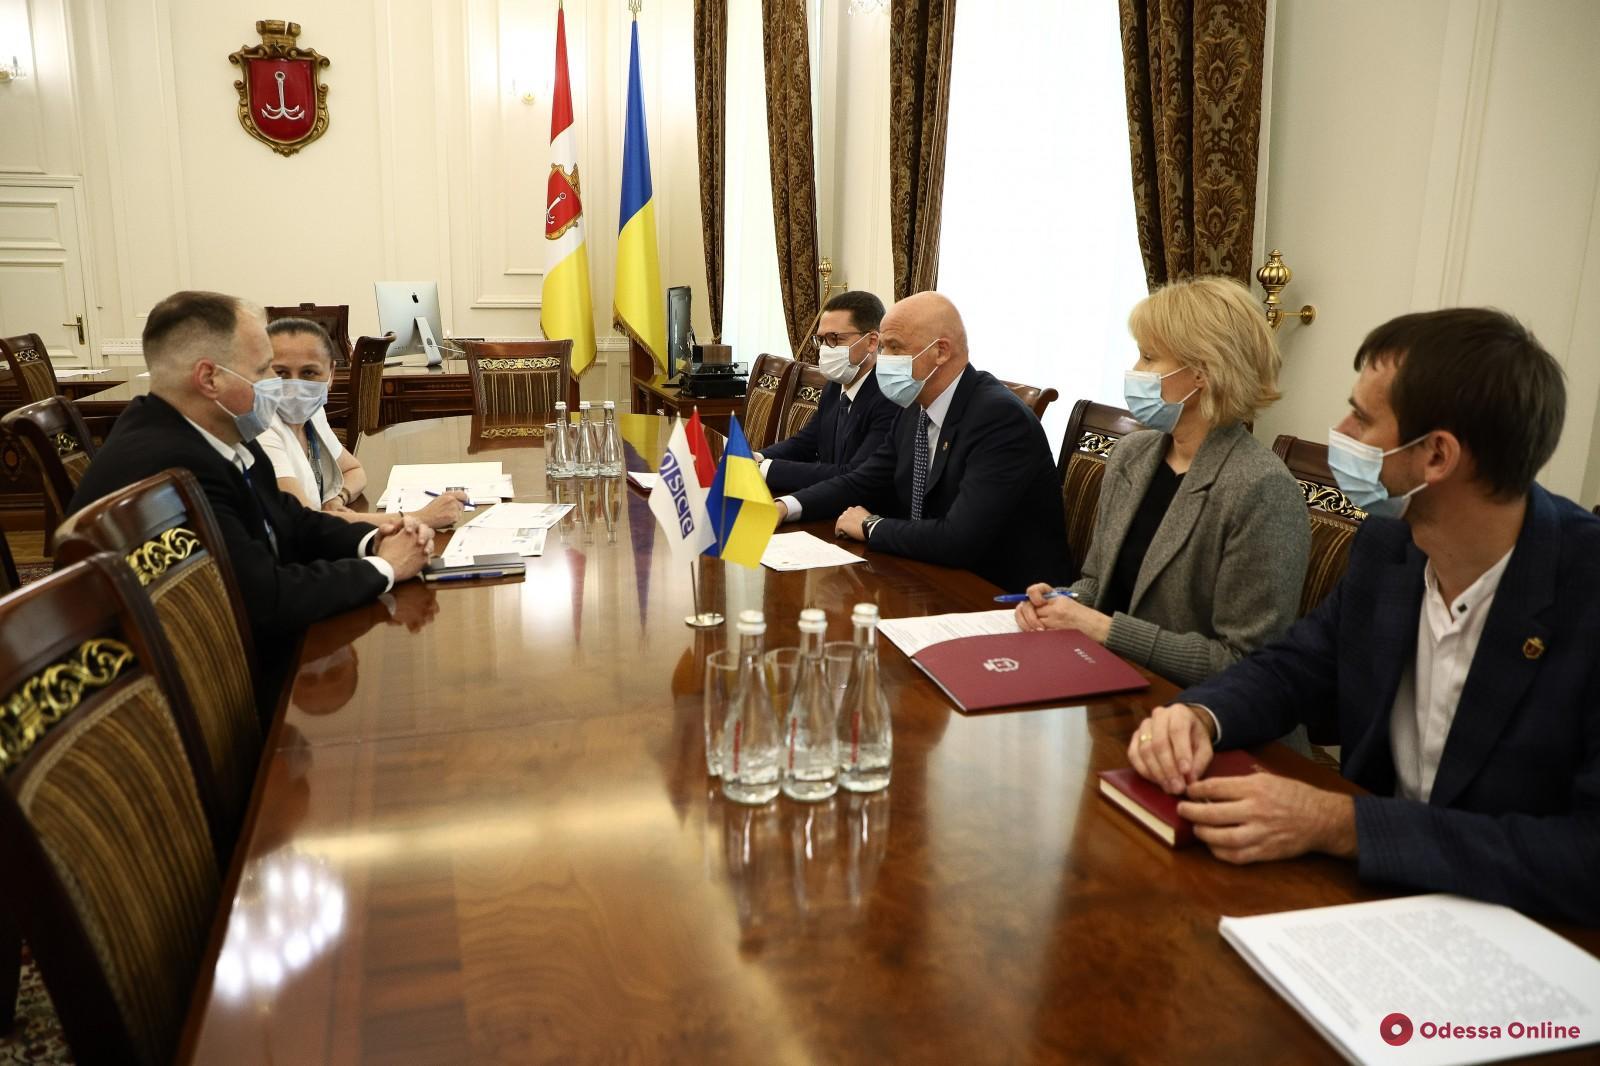 ГеннадийТруханов встретился с руководителем специальной мониторинговой миссии ОБСЕ в Одессе